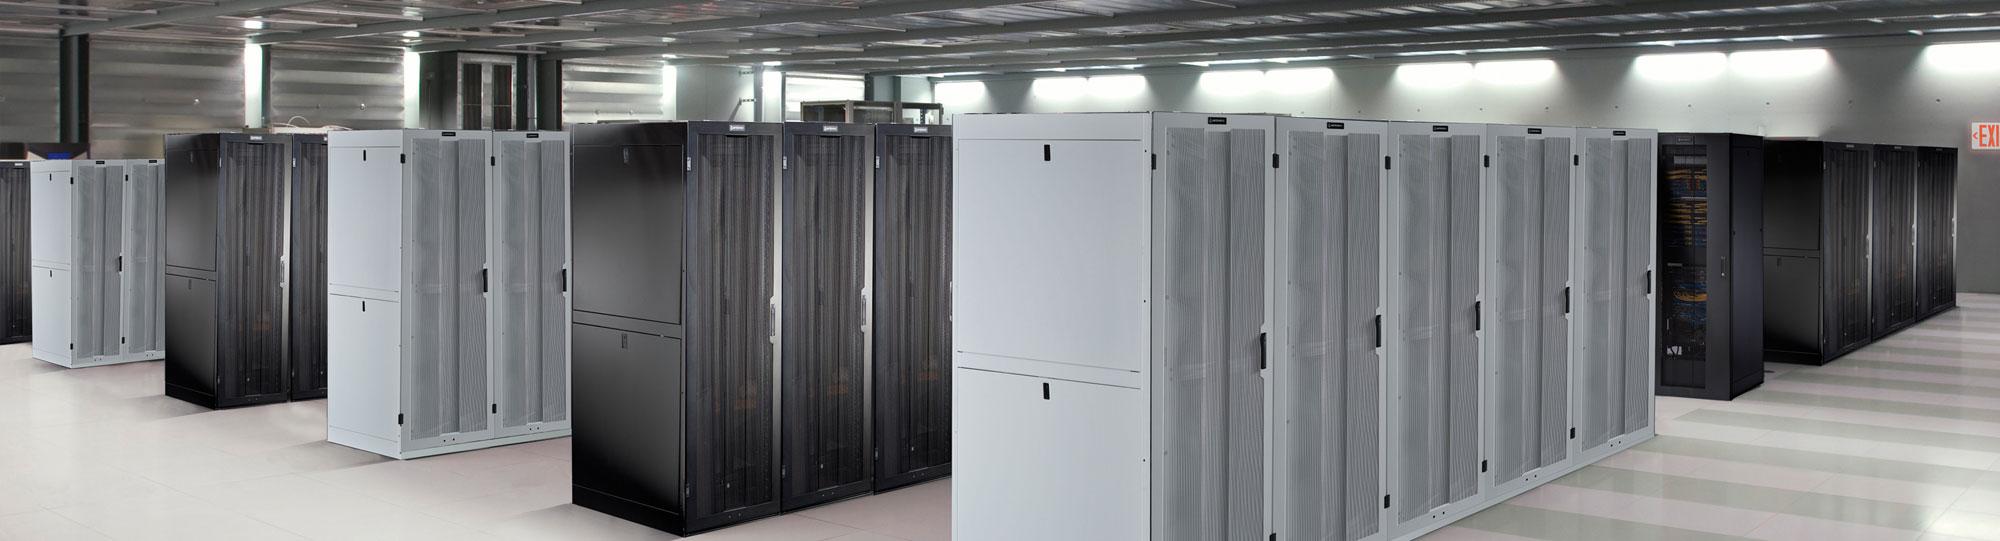 Large Server room